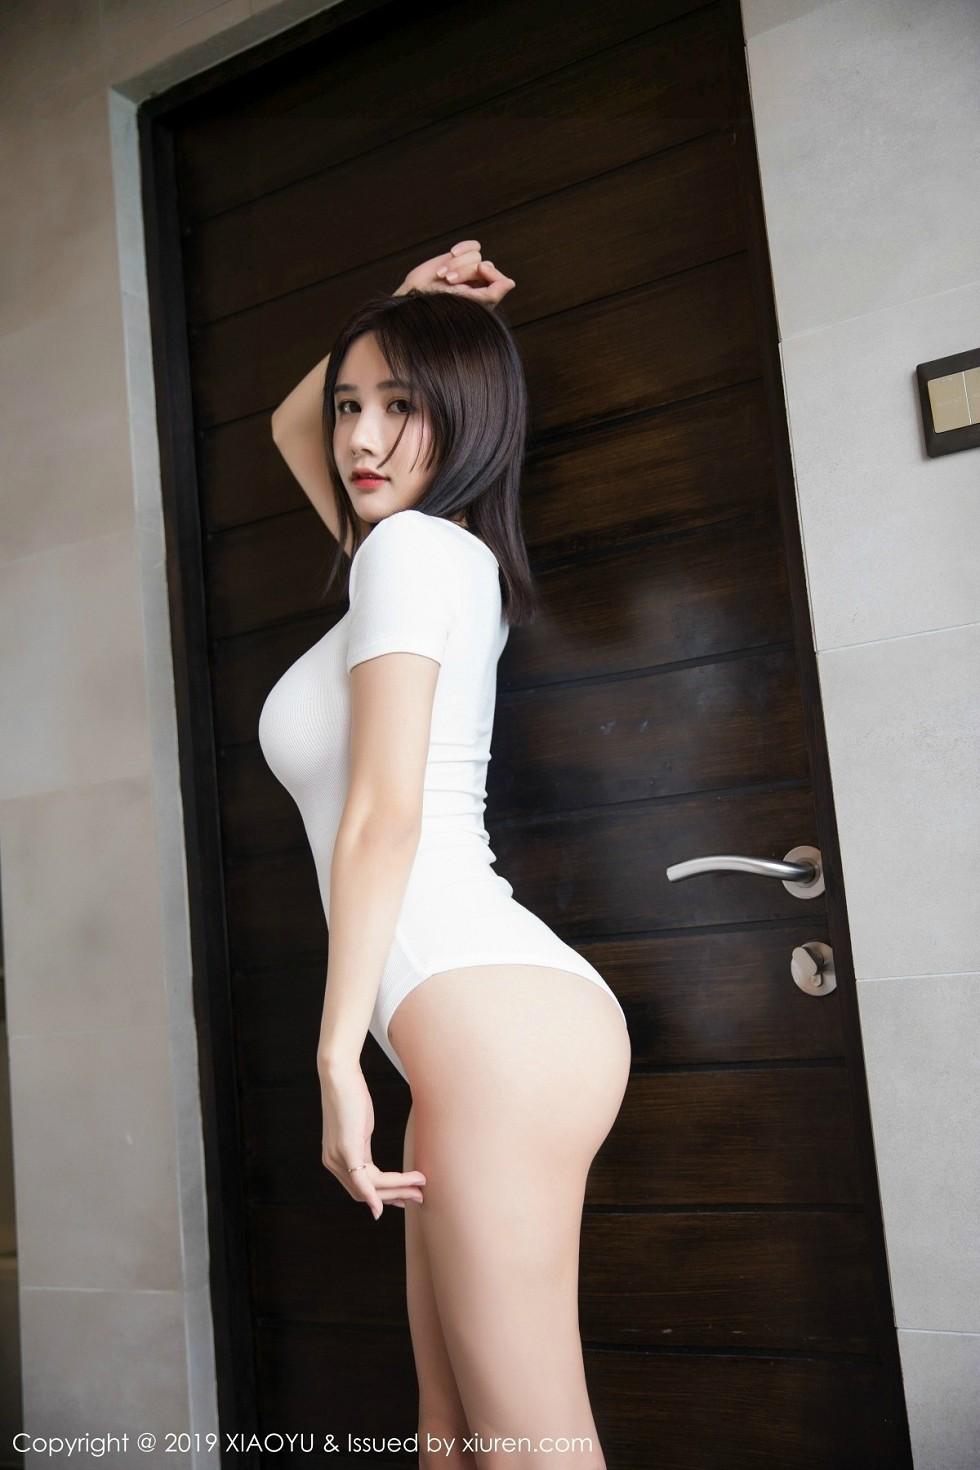 女神小沫琳馬爾代夫旅拍浴室里高叉連體衣濕身誘惑寫真 - 貼圖 - 清涼寫真 -